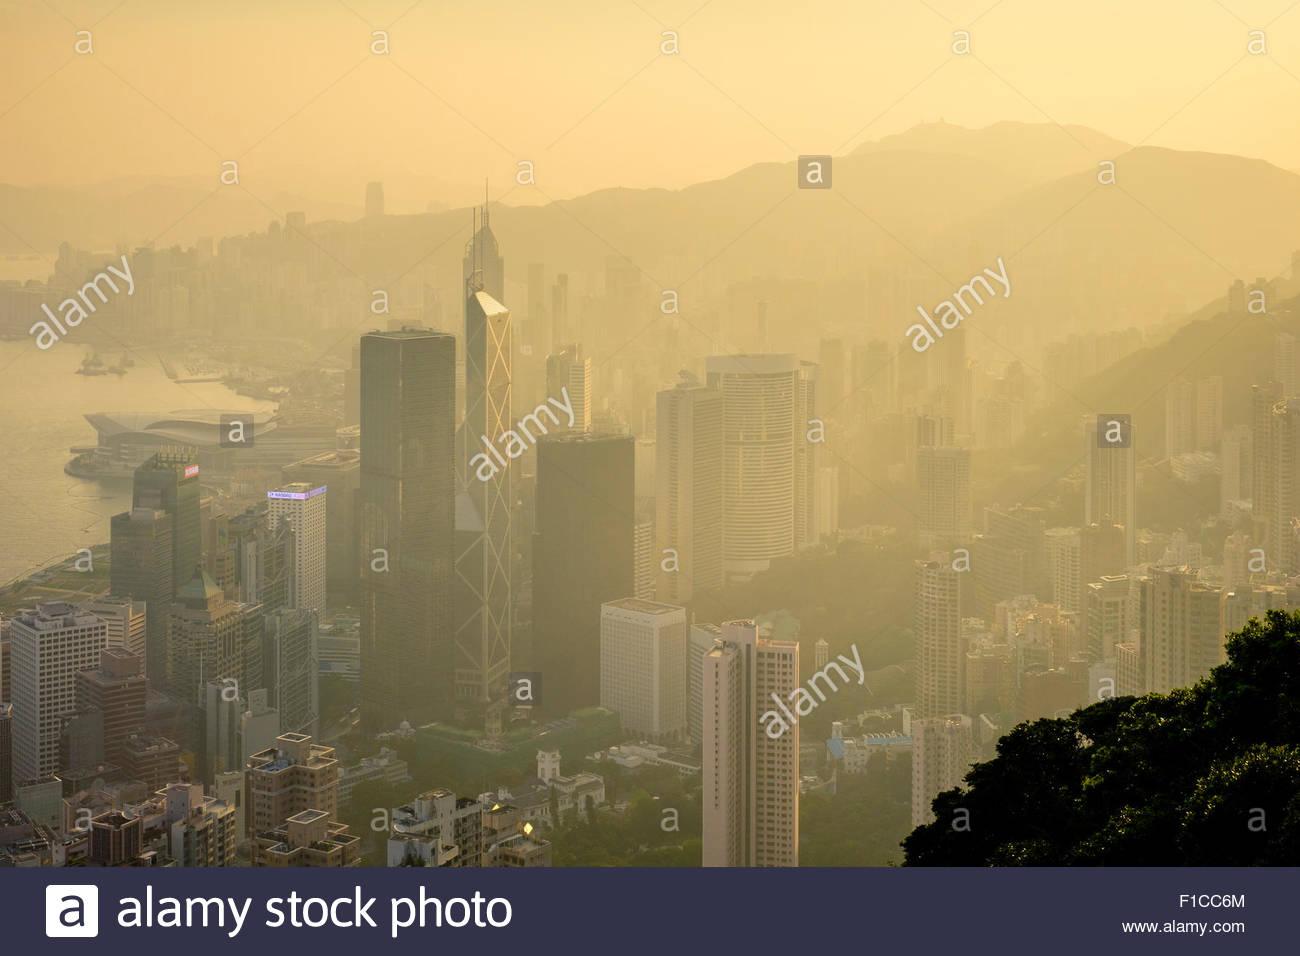 Gratte-ciel dans le centre de Hong Kong, l'Amirauté et Mong Kok vu de la crête au lever du soleil, Photo Stock